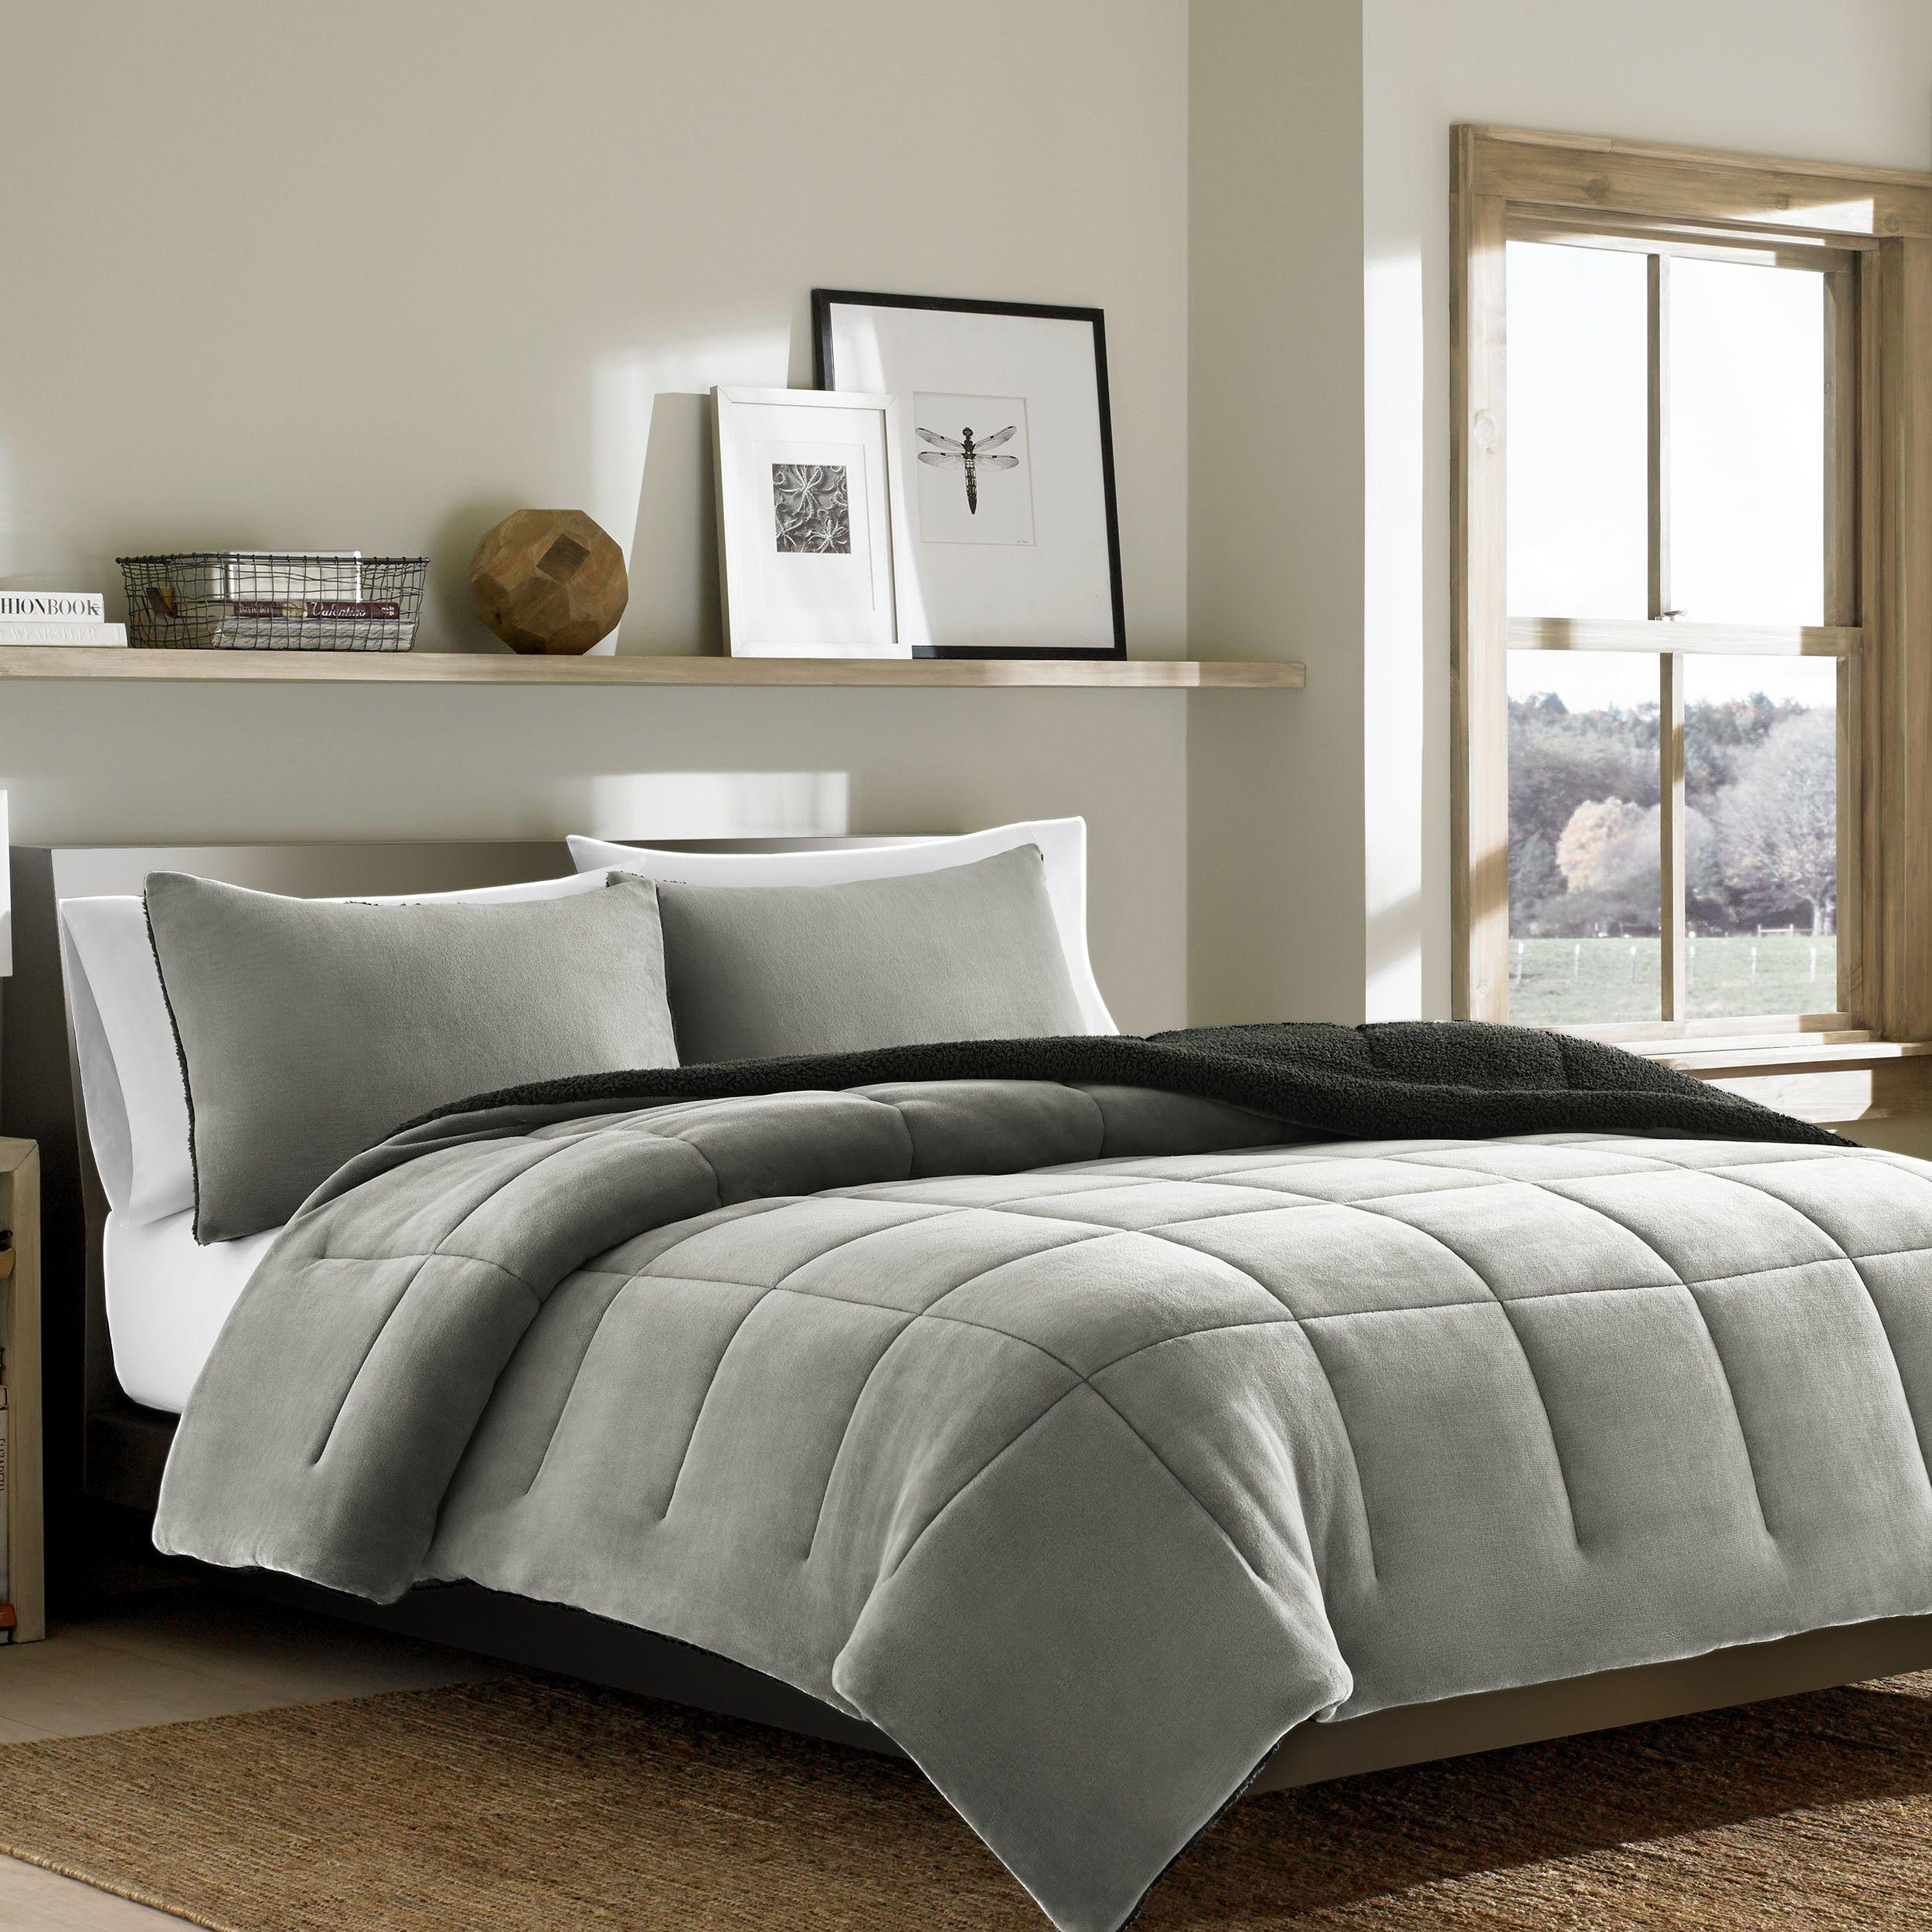 Eddie Bauer Premium Fleece 3 Piece Reversible Comforter Set